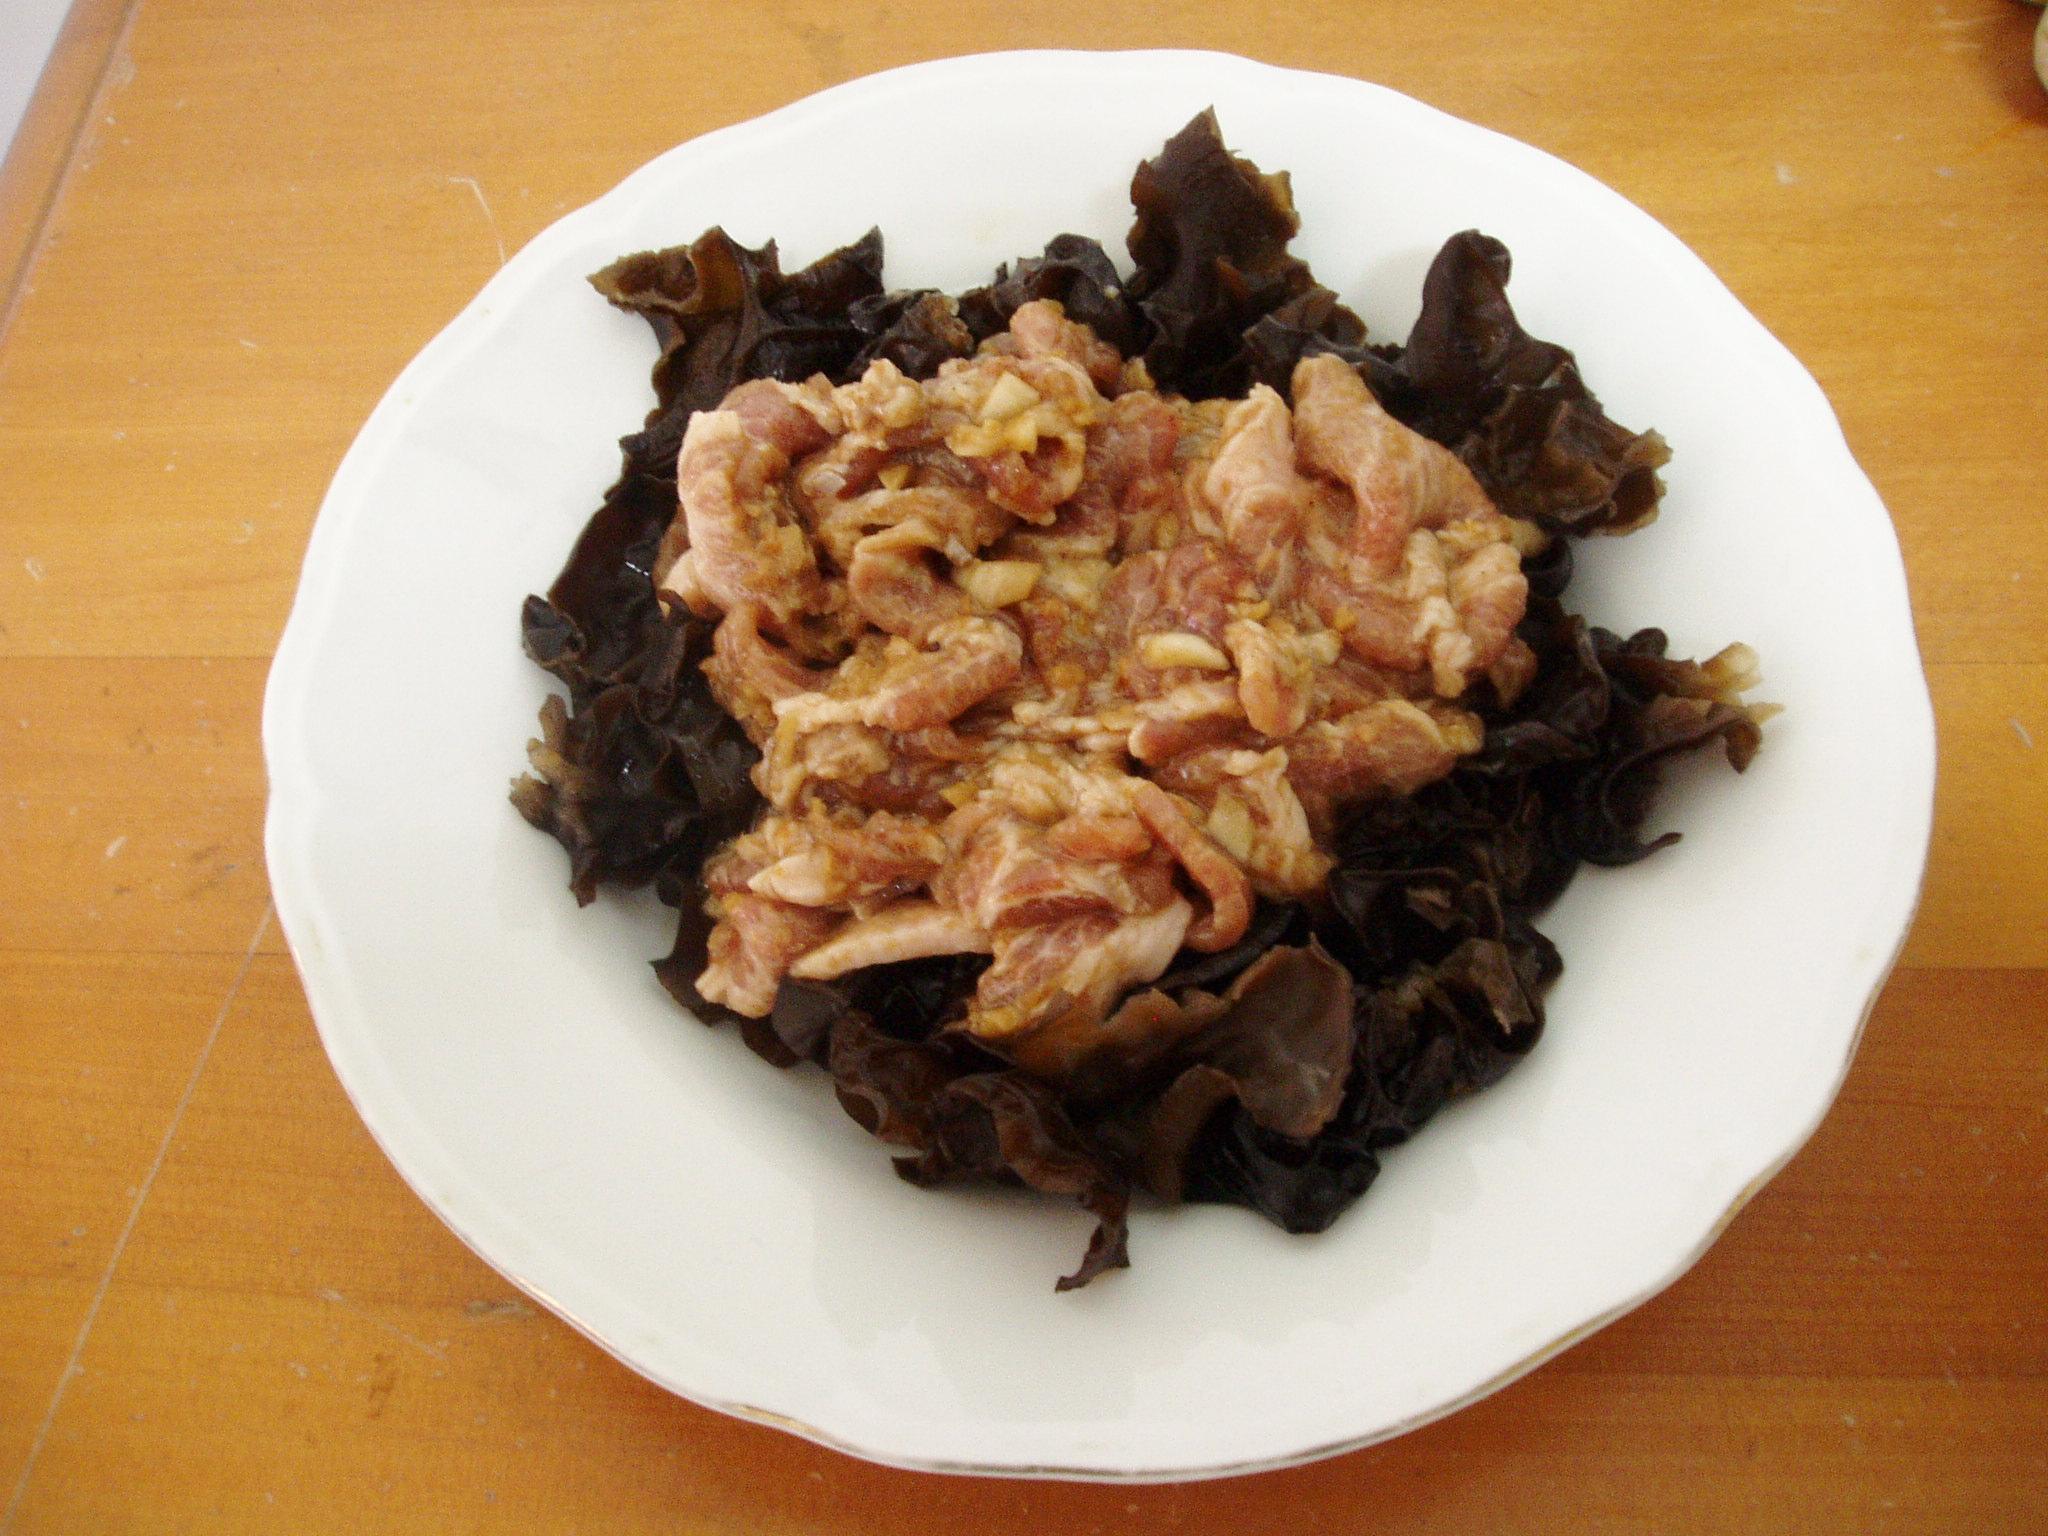 蒸熟的木耳肉片大功告成。